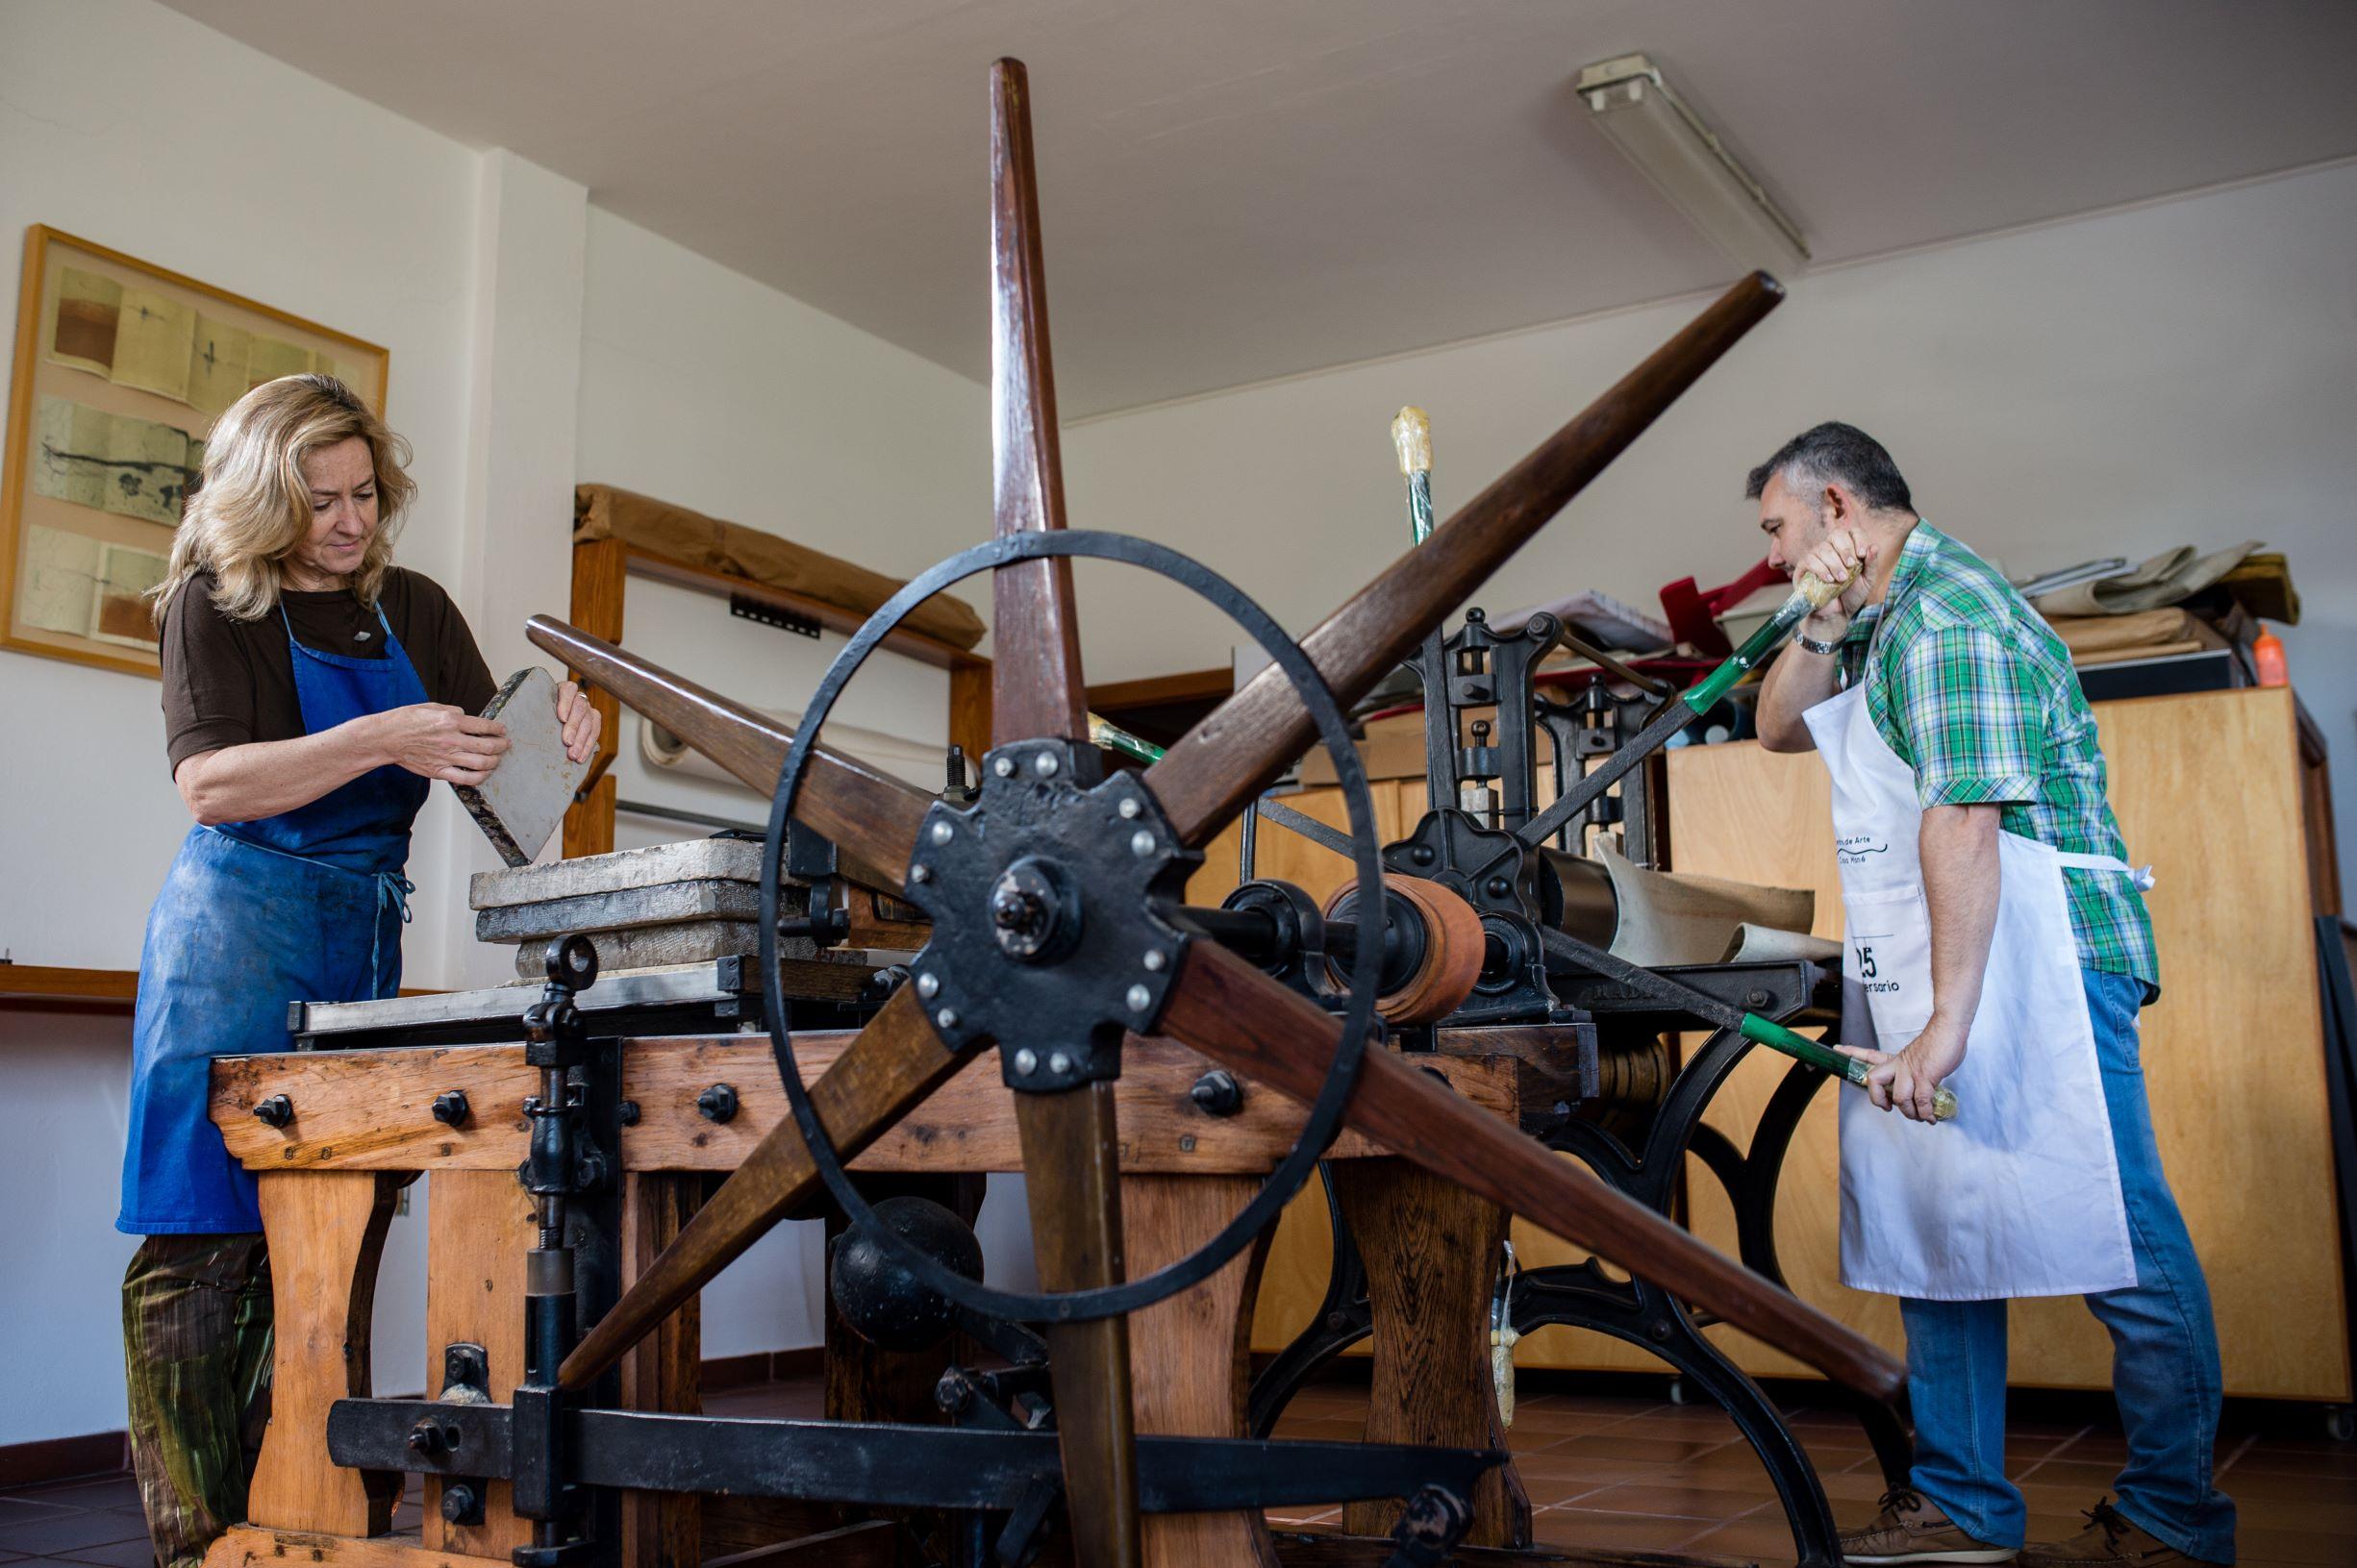 El Cabildo de Gran Canaria convoca su Concurso de Series de Obra Gráfica 2020